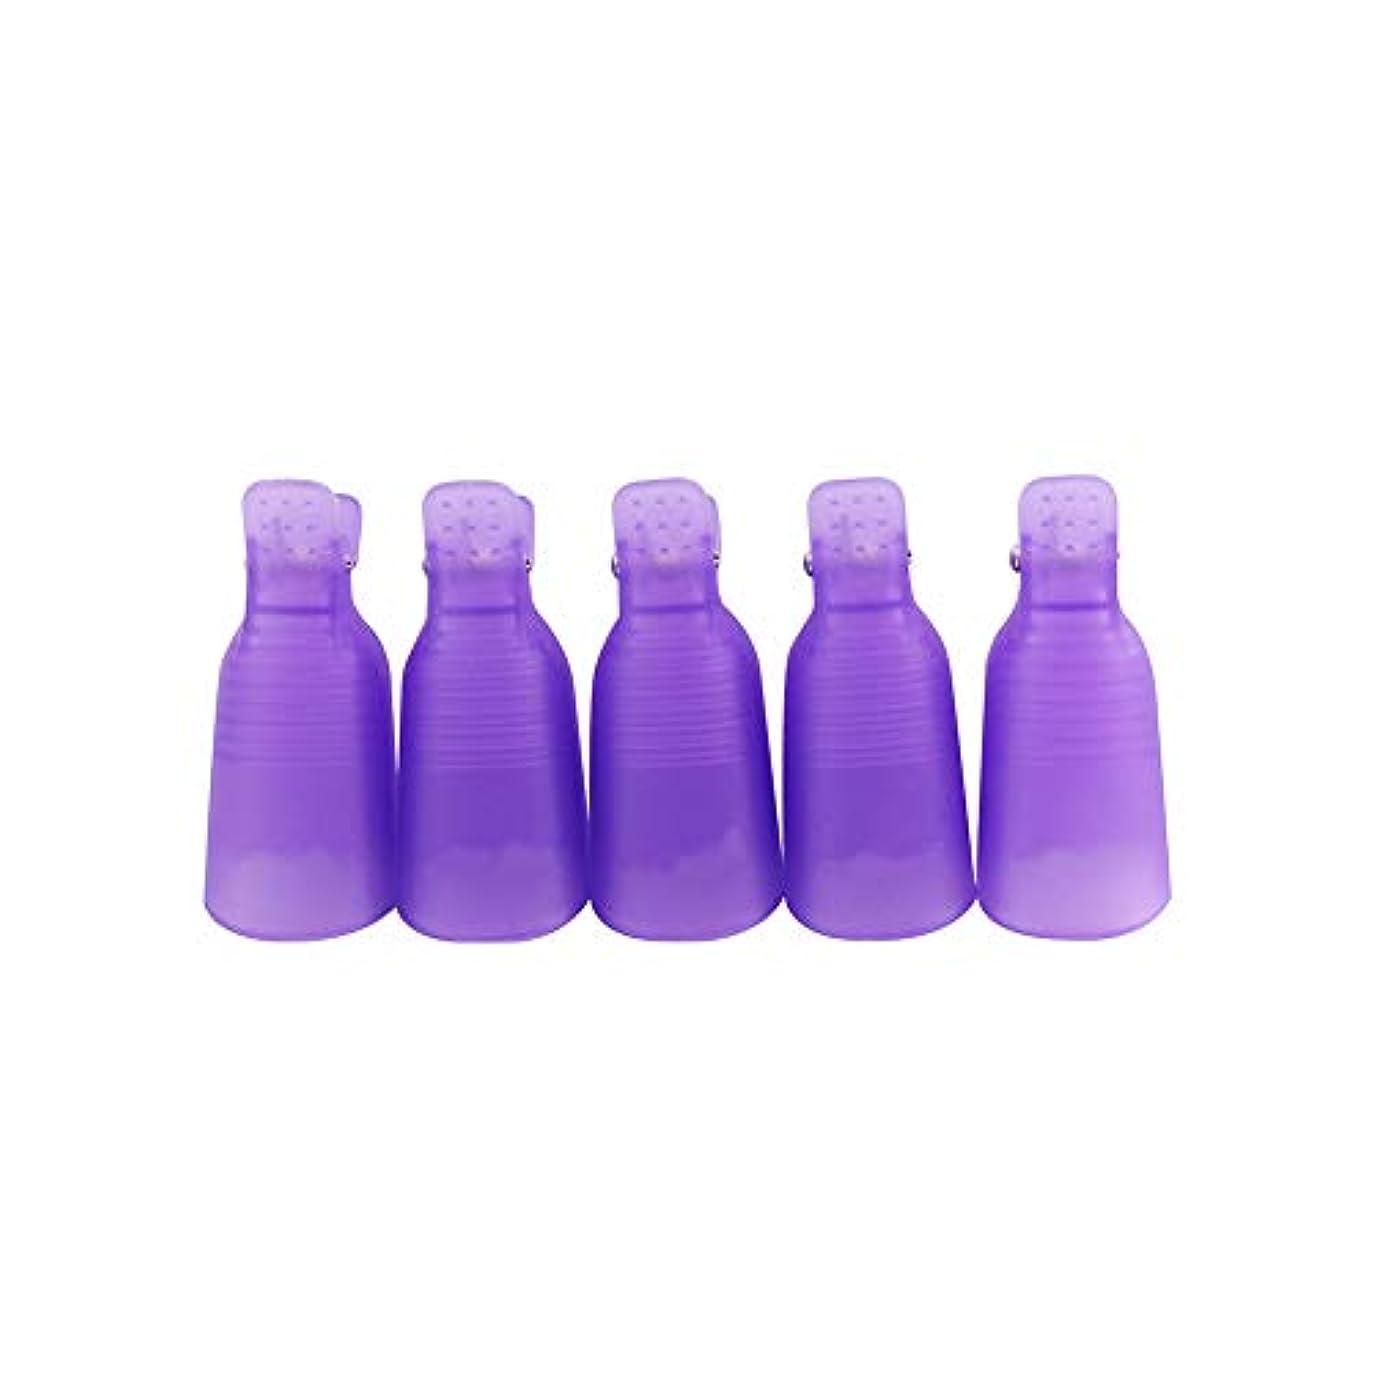 代名詞おもしろい退却5マニキュアUV接着パッドは、キャップリムーバーツールネイルネイルポリッシュリムーバー再利用可能なシリコーンはラップまたはオフに浸した家庭用のサロン(紫)